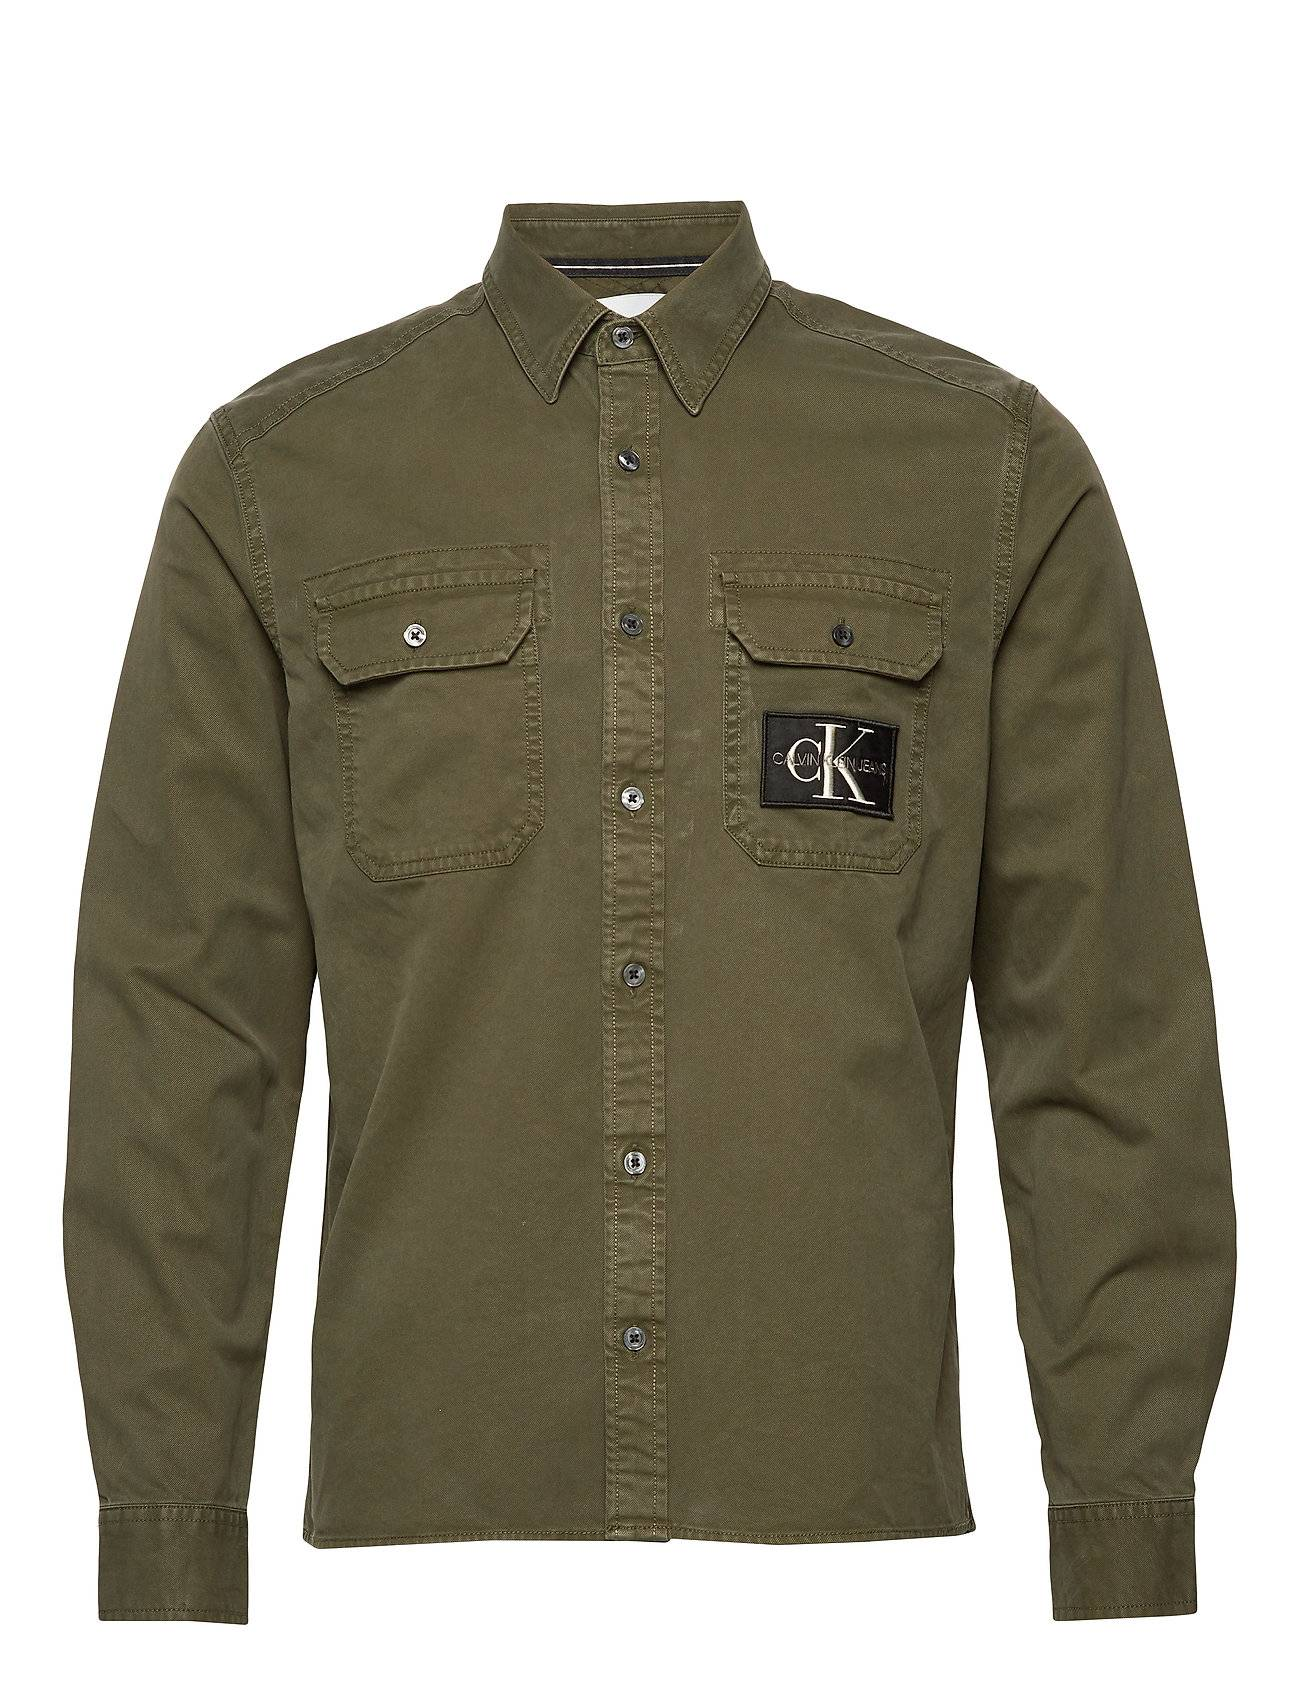 Image of Calvin Gmd Twill Overshirt Reg + Shirt Overshirt Paita Paitatakki Vihreä Calvin Klein Jeans